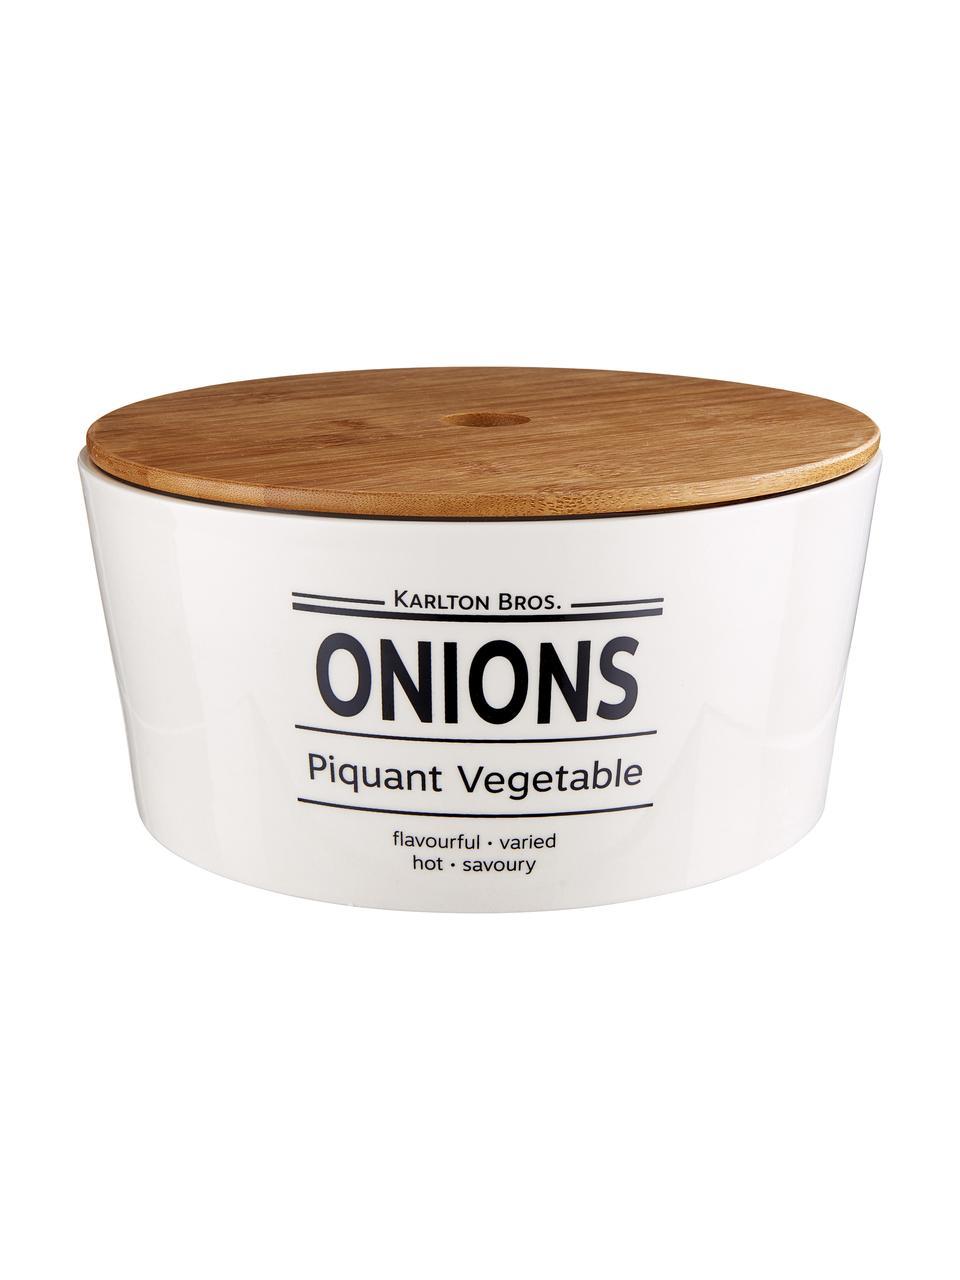 Aufbewahrungsdose Karlton Bros. Onions, Ø 22 x H 11 cm, Porzellan, Weiß, Schwarz, Braun, Ø 22 x H 11 cm